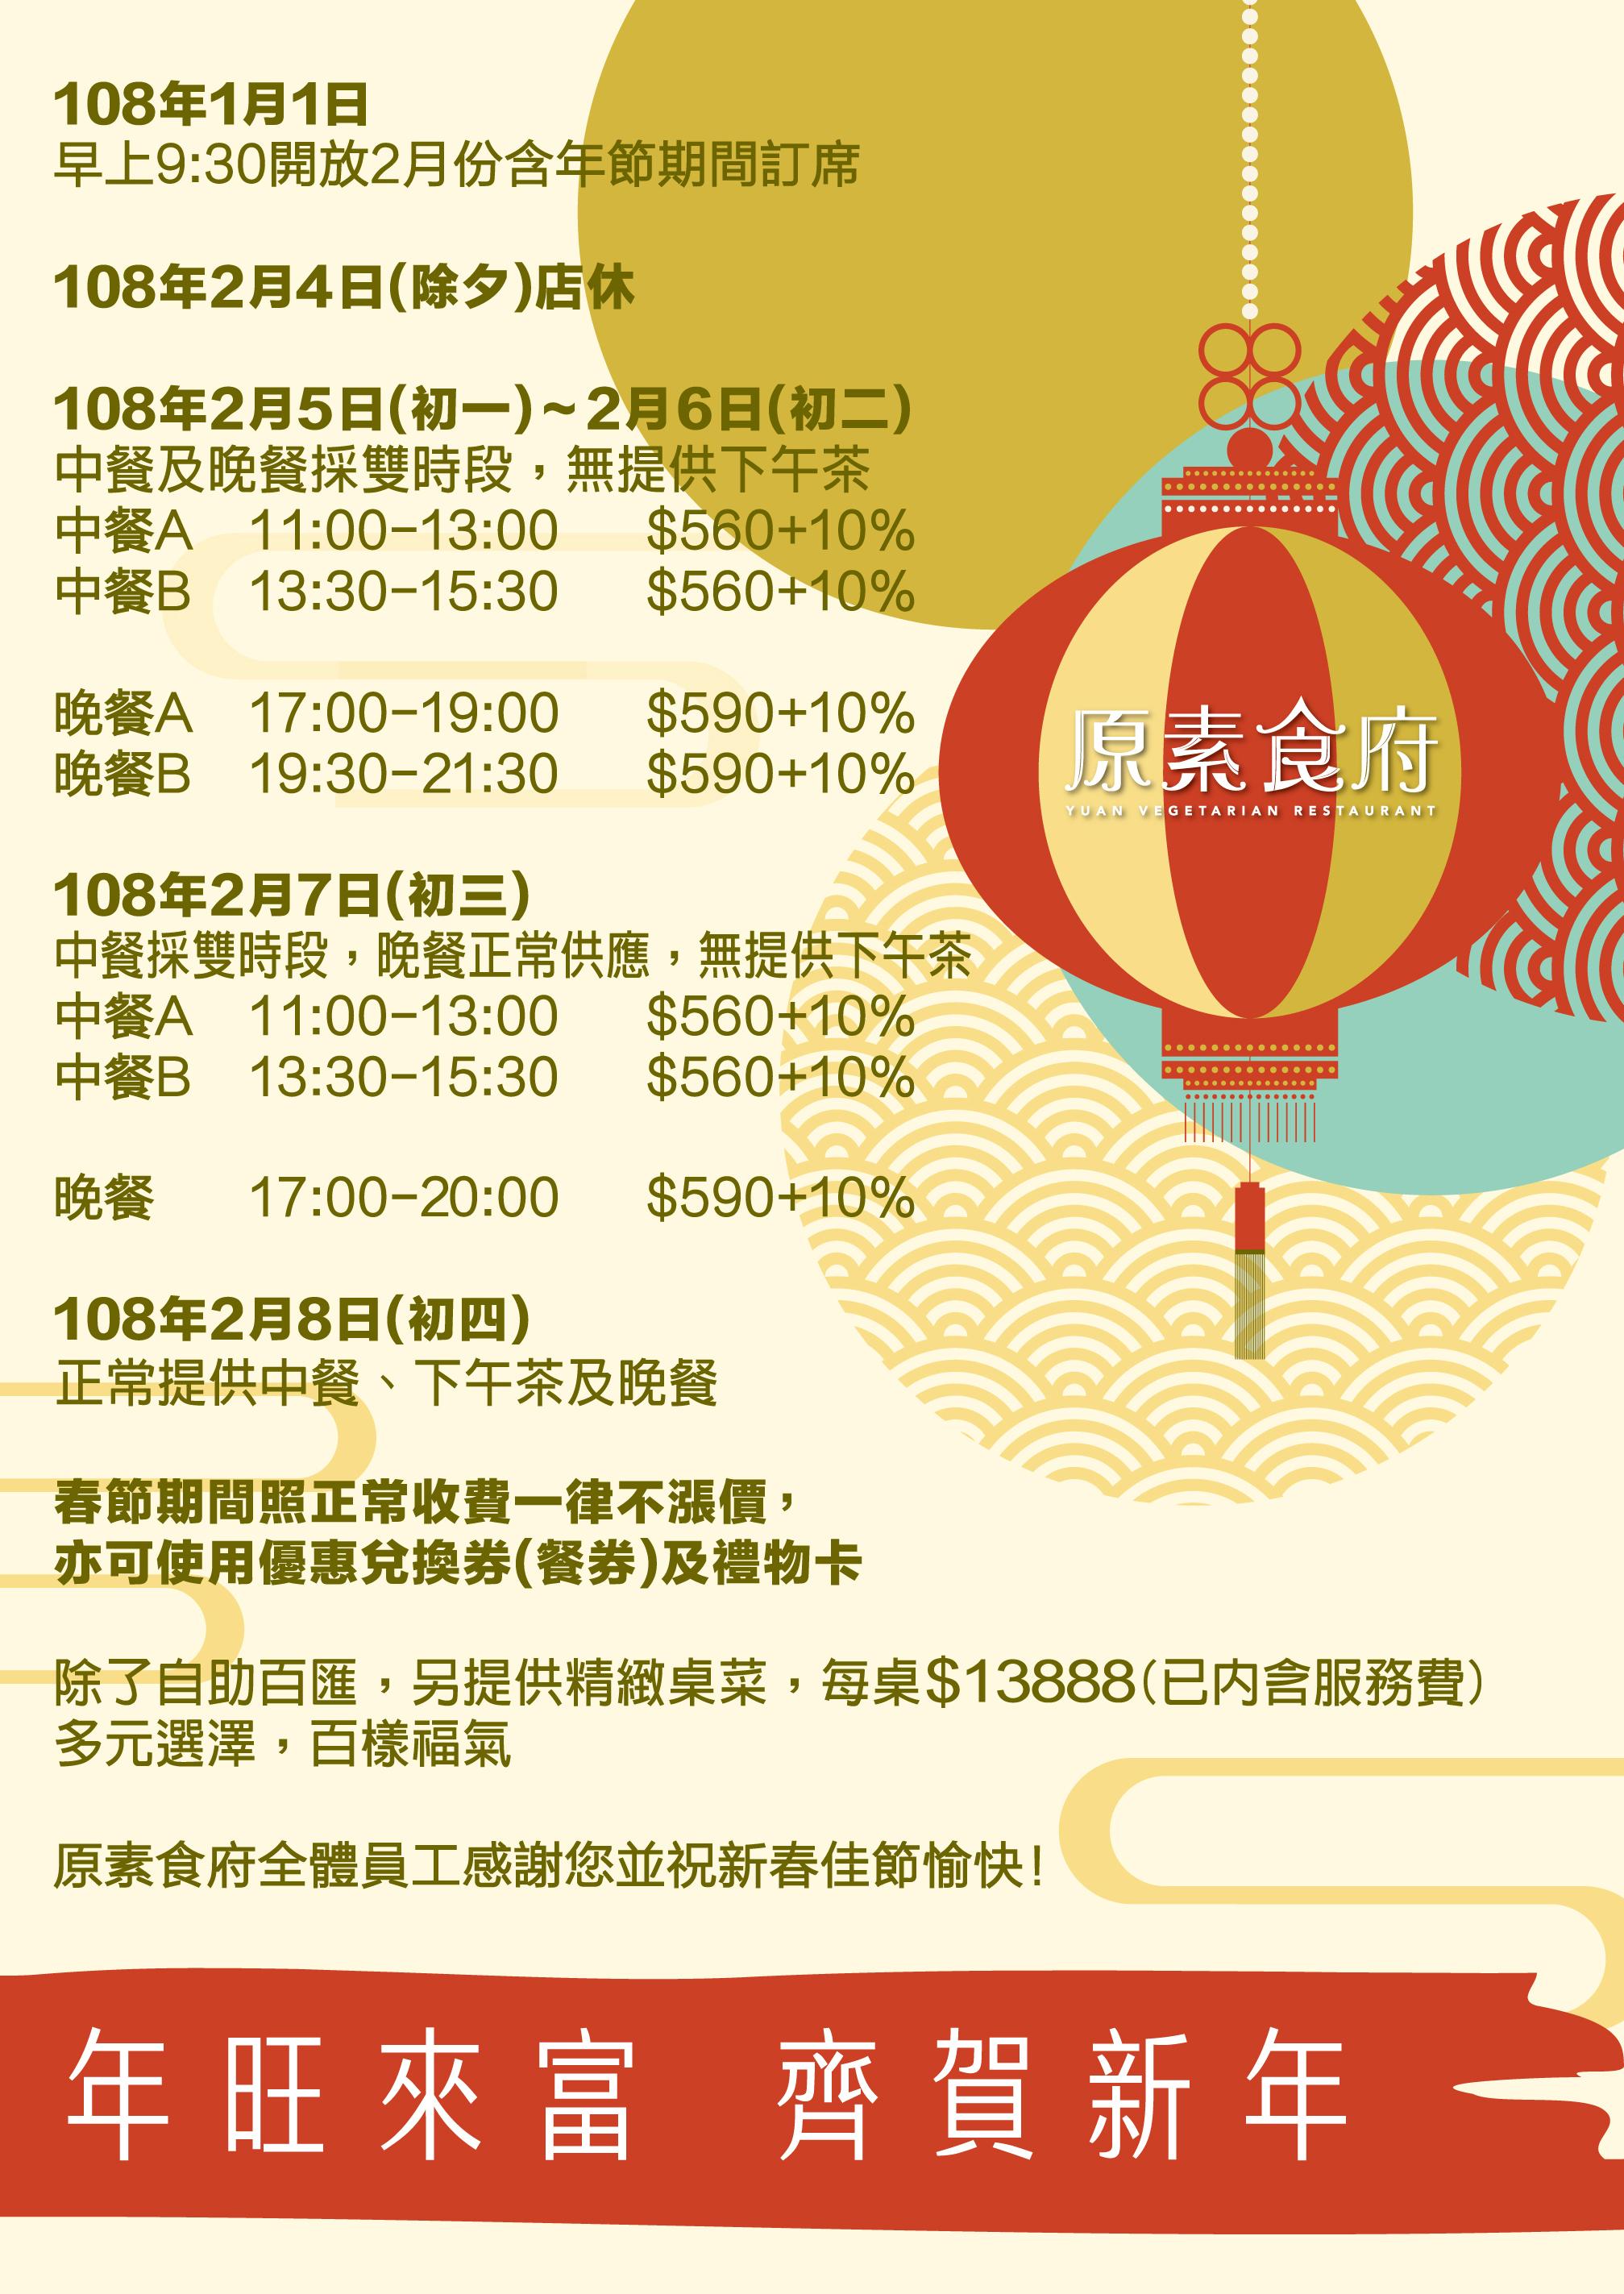 18-1130原素賀新年資訊圖檔.jpg